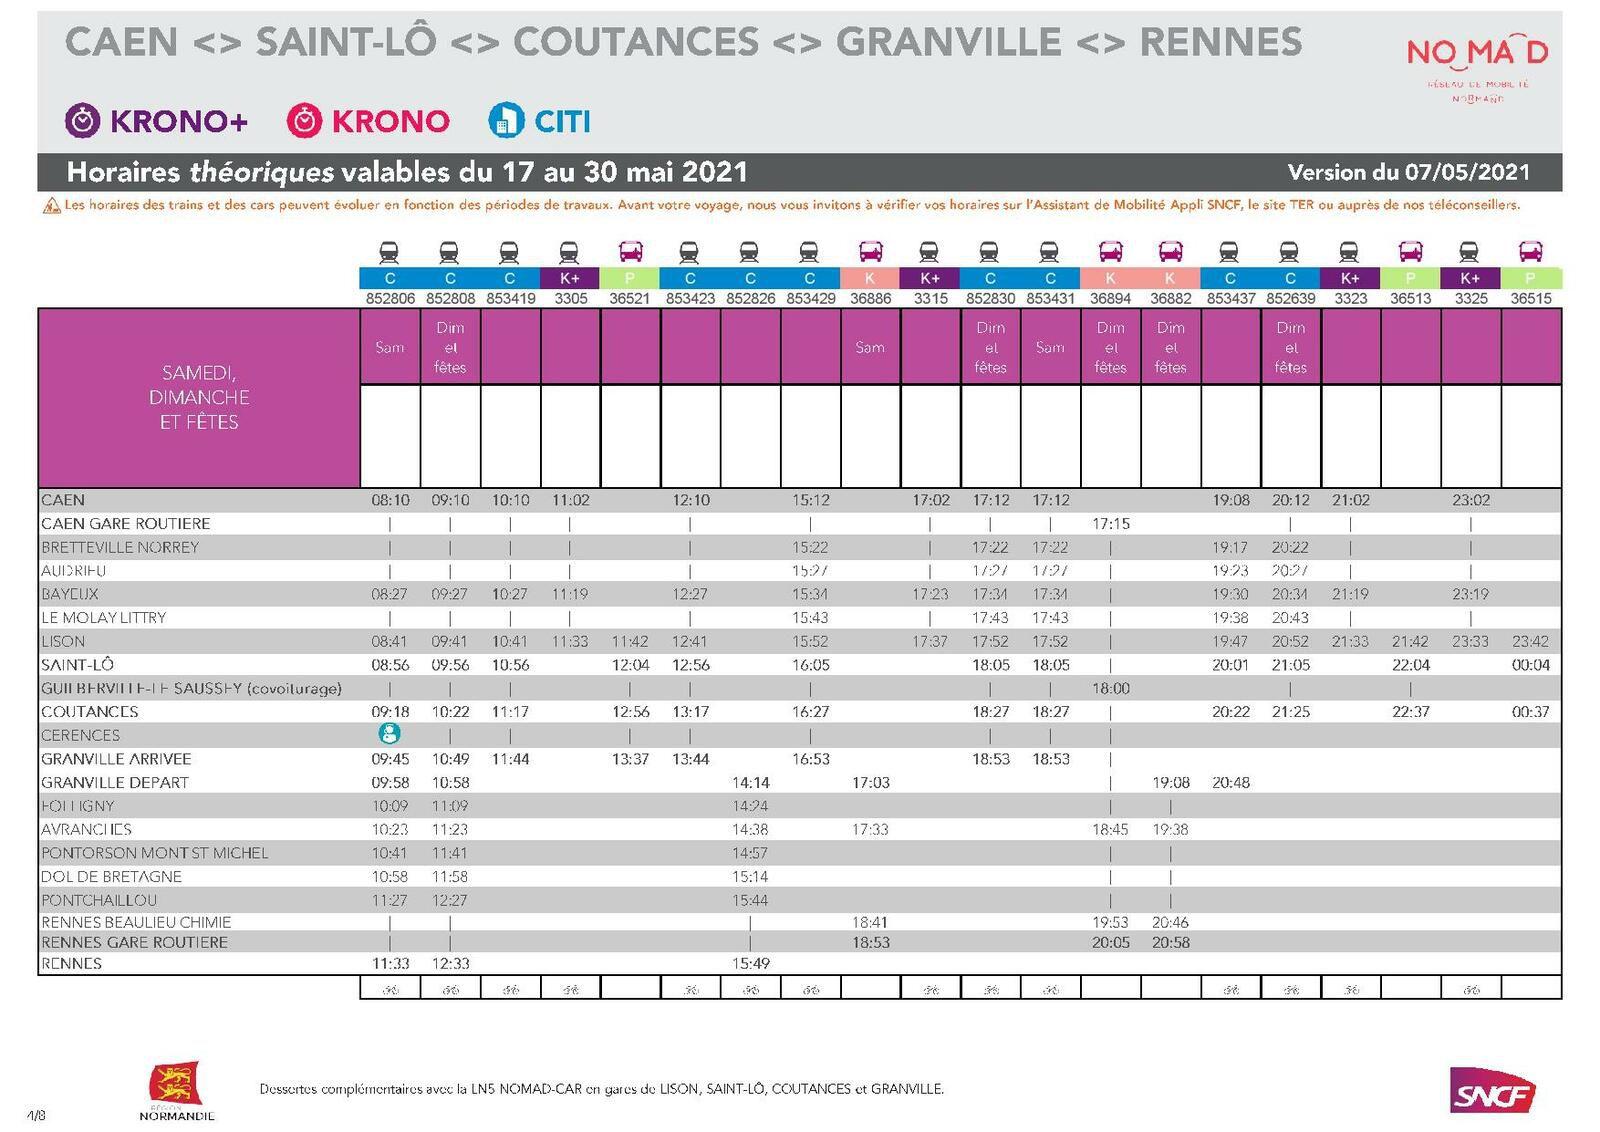 Caen > Rennes du 17 au 30 mai 2021 - Version du 7.05.2021